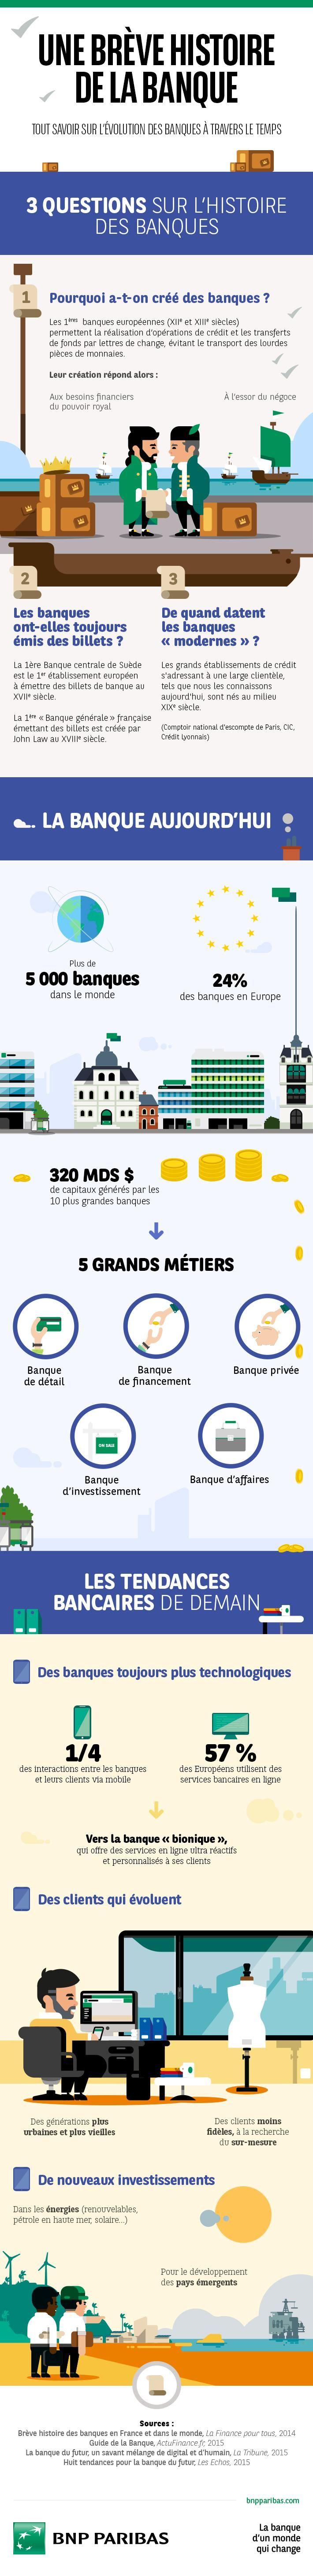 [Infographie] Une brève histoire de la banque